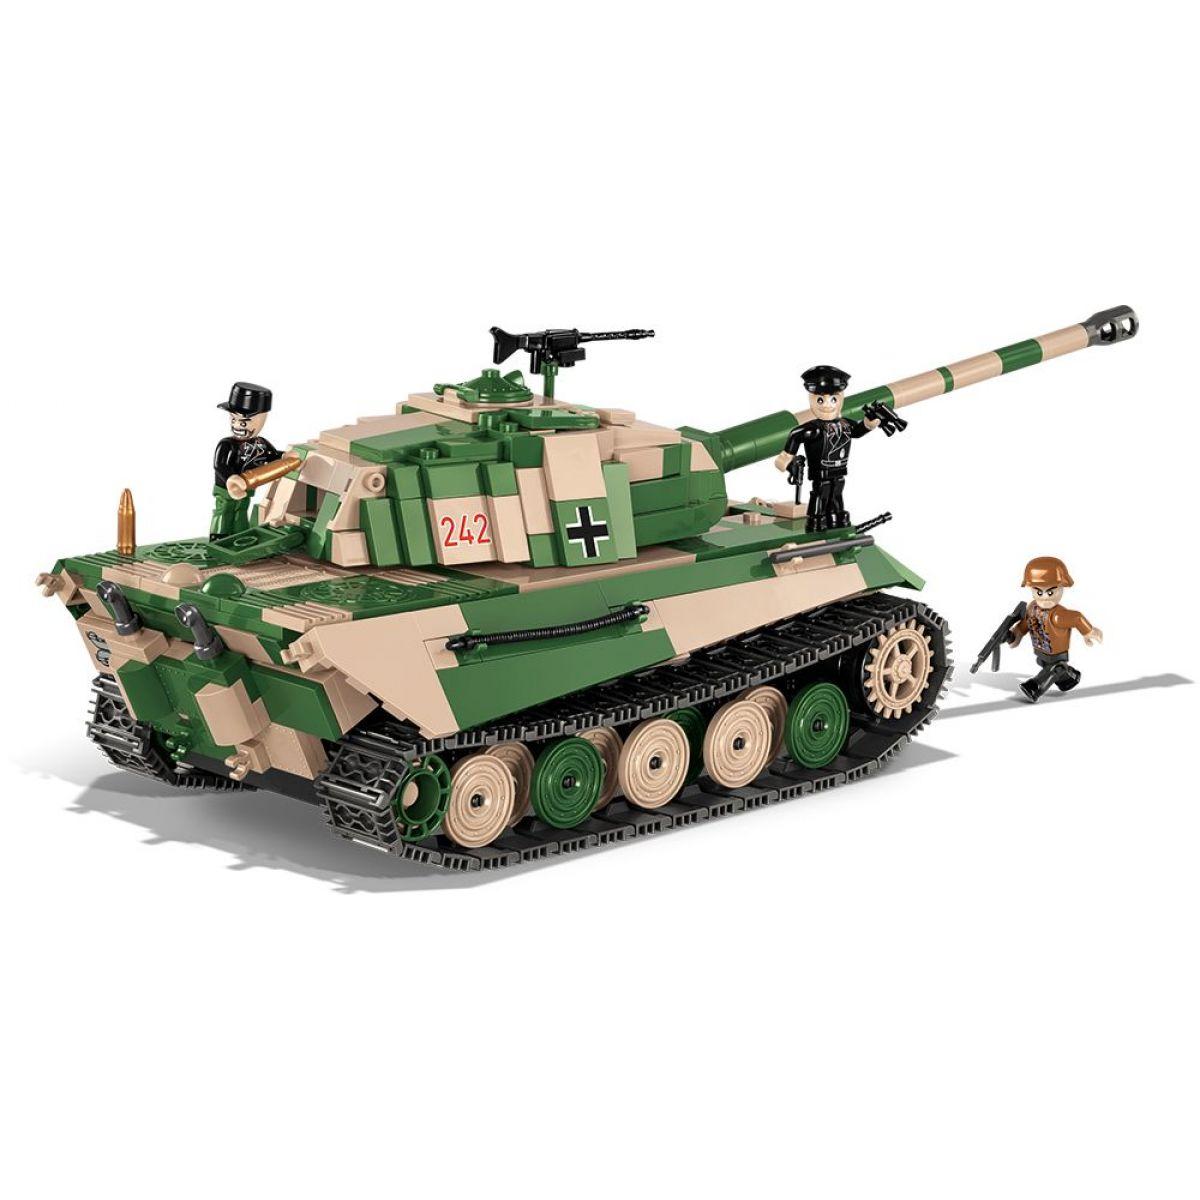 Cobi Malá armáda 2480A SD.KFZ. 182 Konigstiger Tiger II P